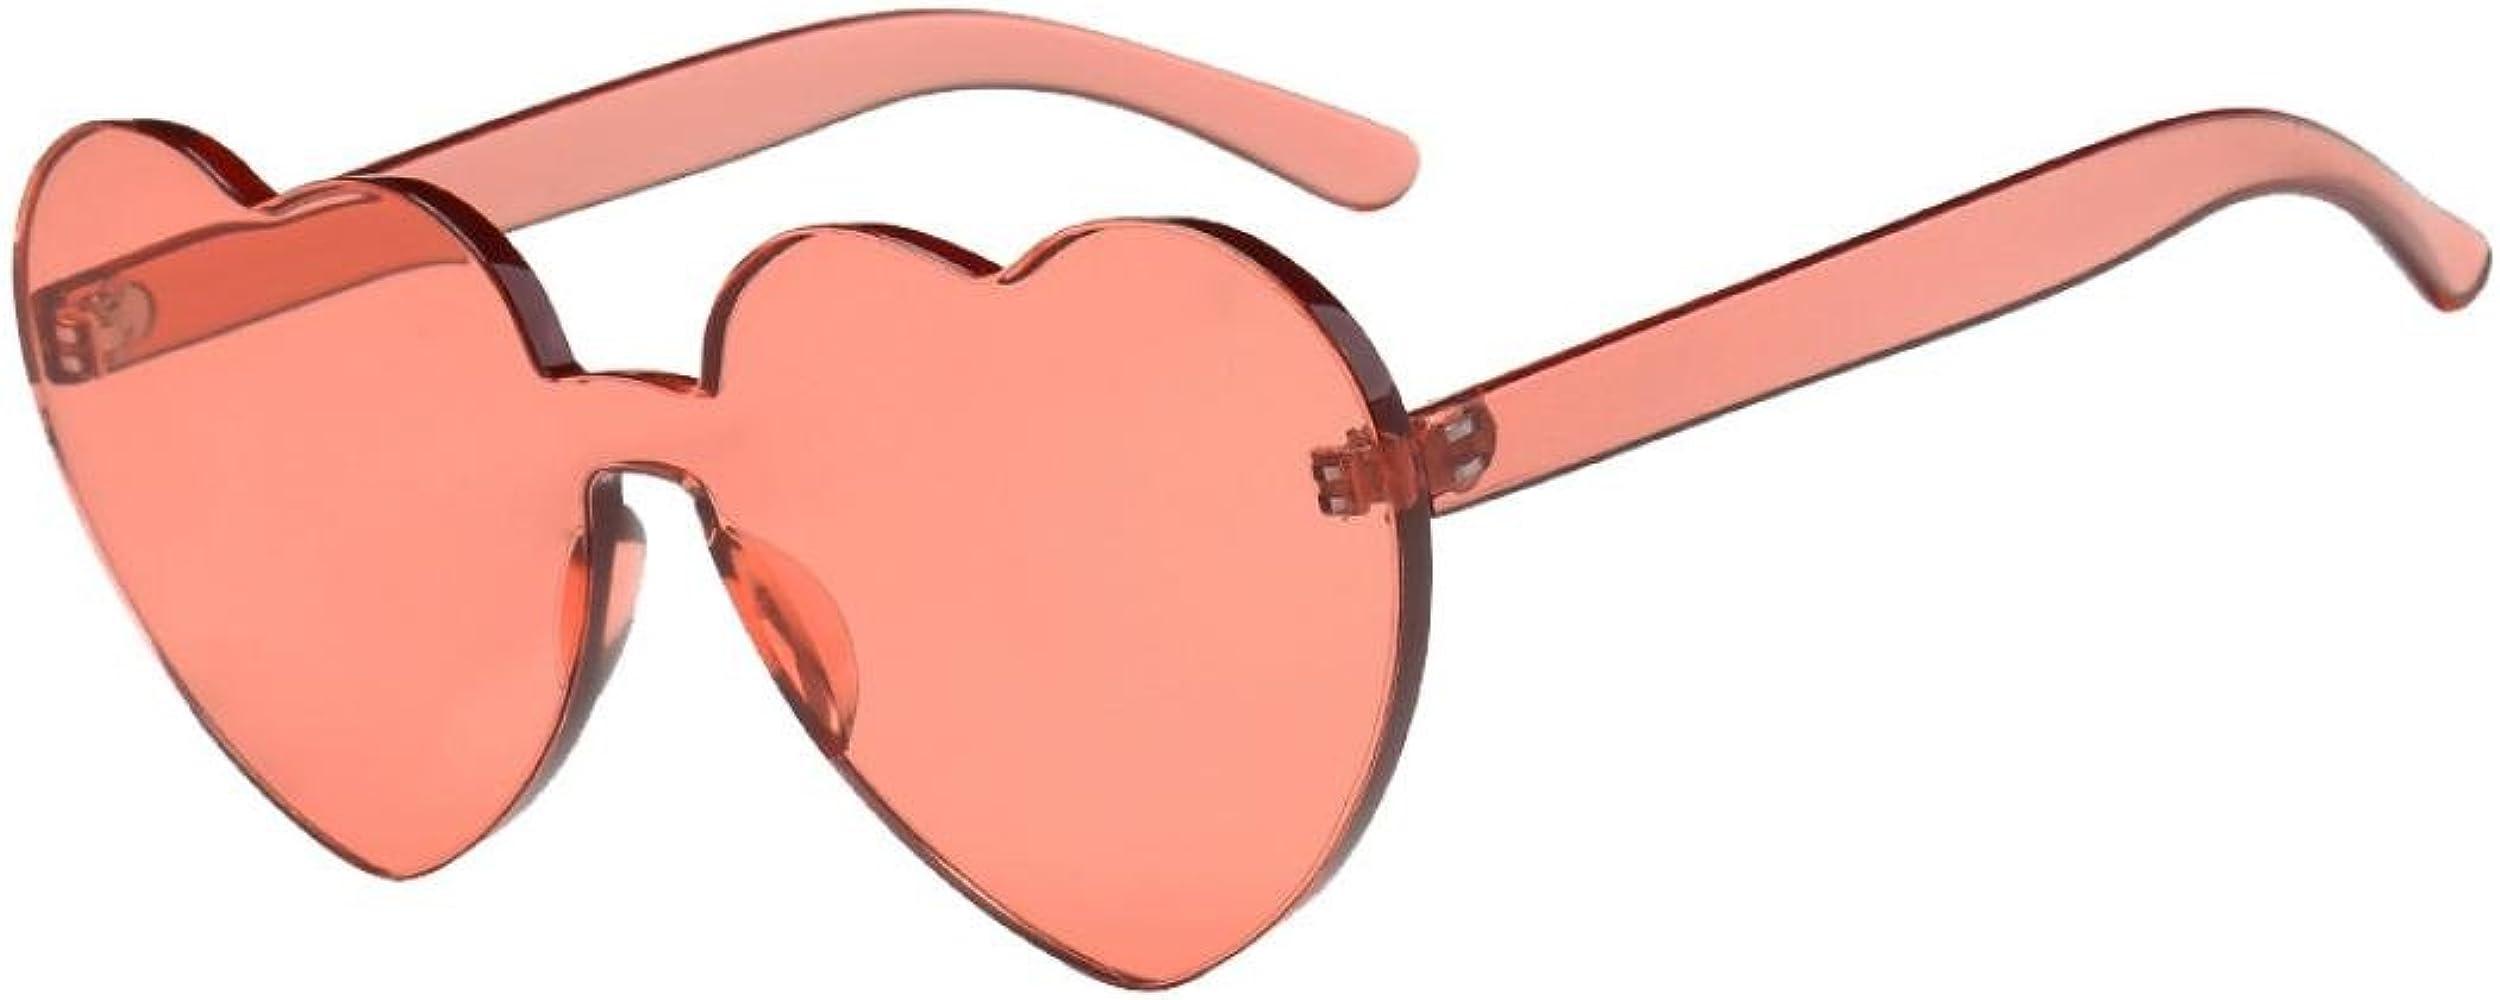 Lunettes de Soleil pour Homme et Femme Vintage Eyewear Pas cher Femme Rétro Candy Sunglasses Colorées Mode Lunettes Coeur Miroité Verres Plats